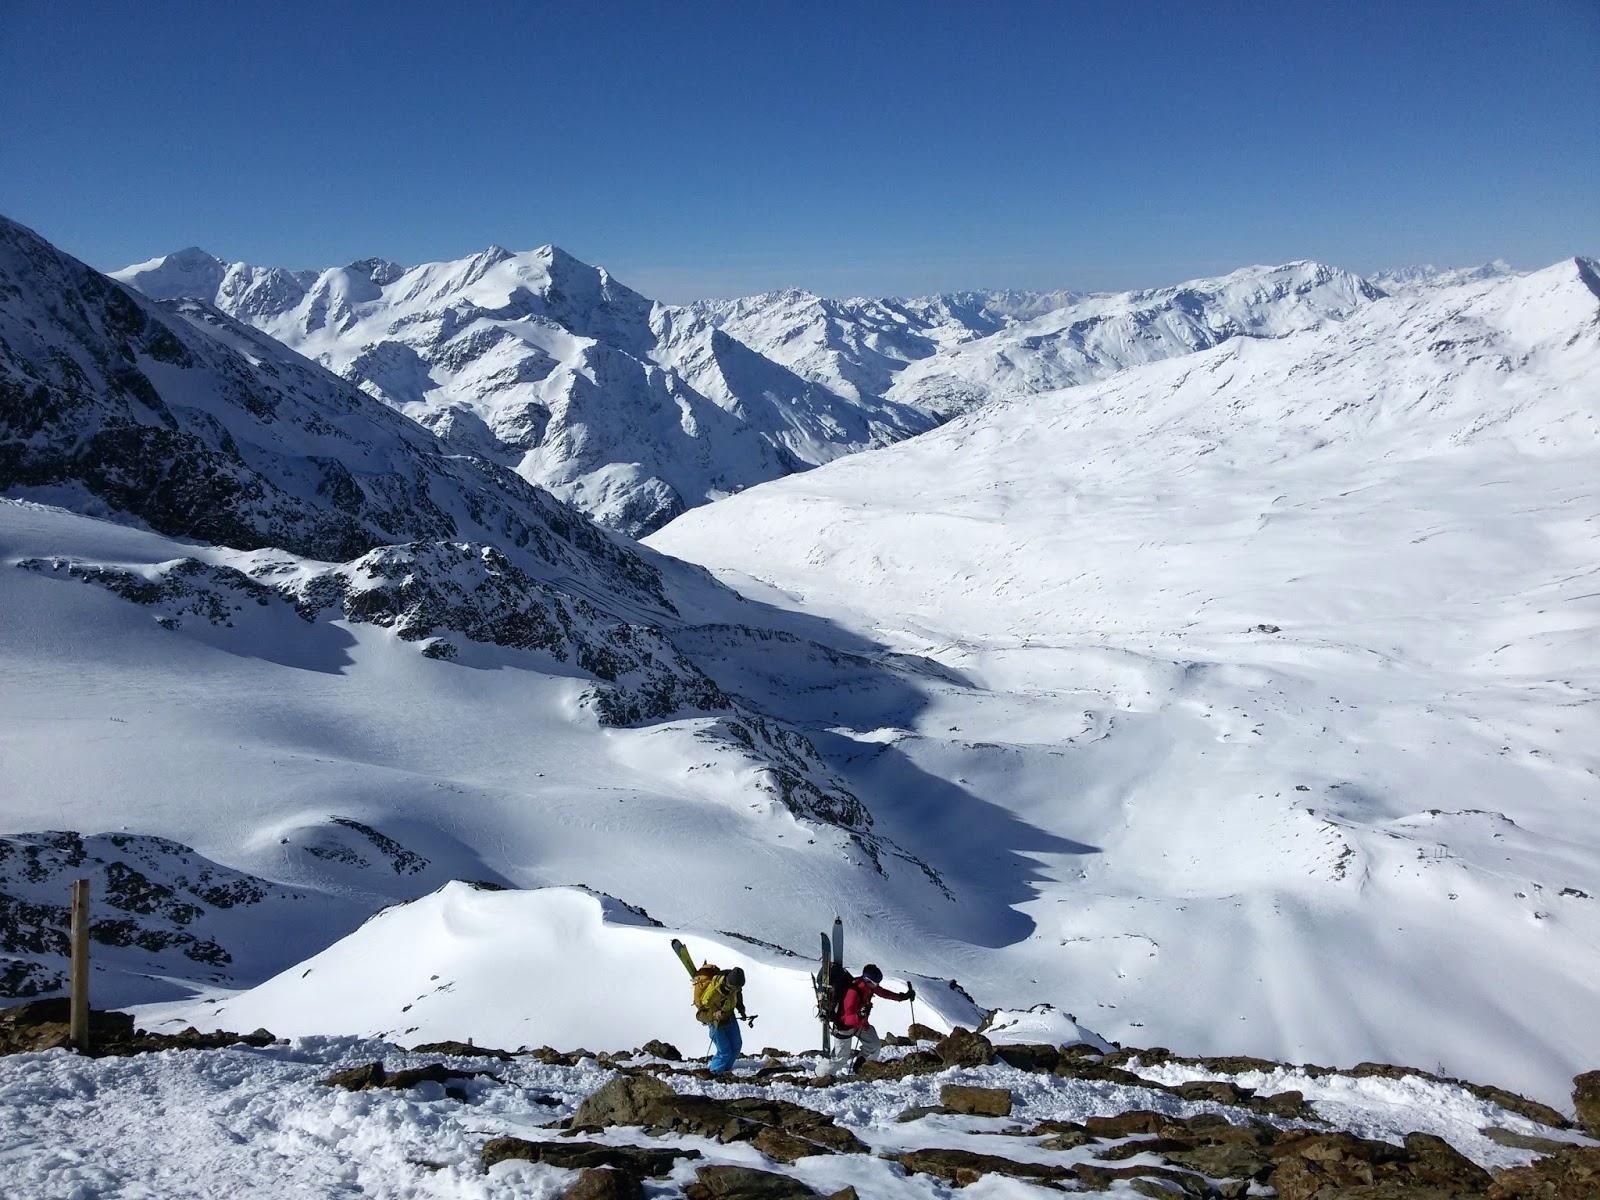 Leichter Klettergurt Für Hochtouren : Frühjahr ist hochtouren zeit ausrüstungstipps vom hindelanger